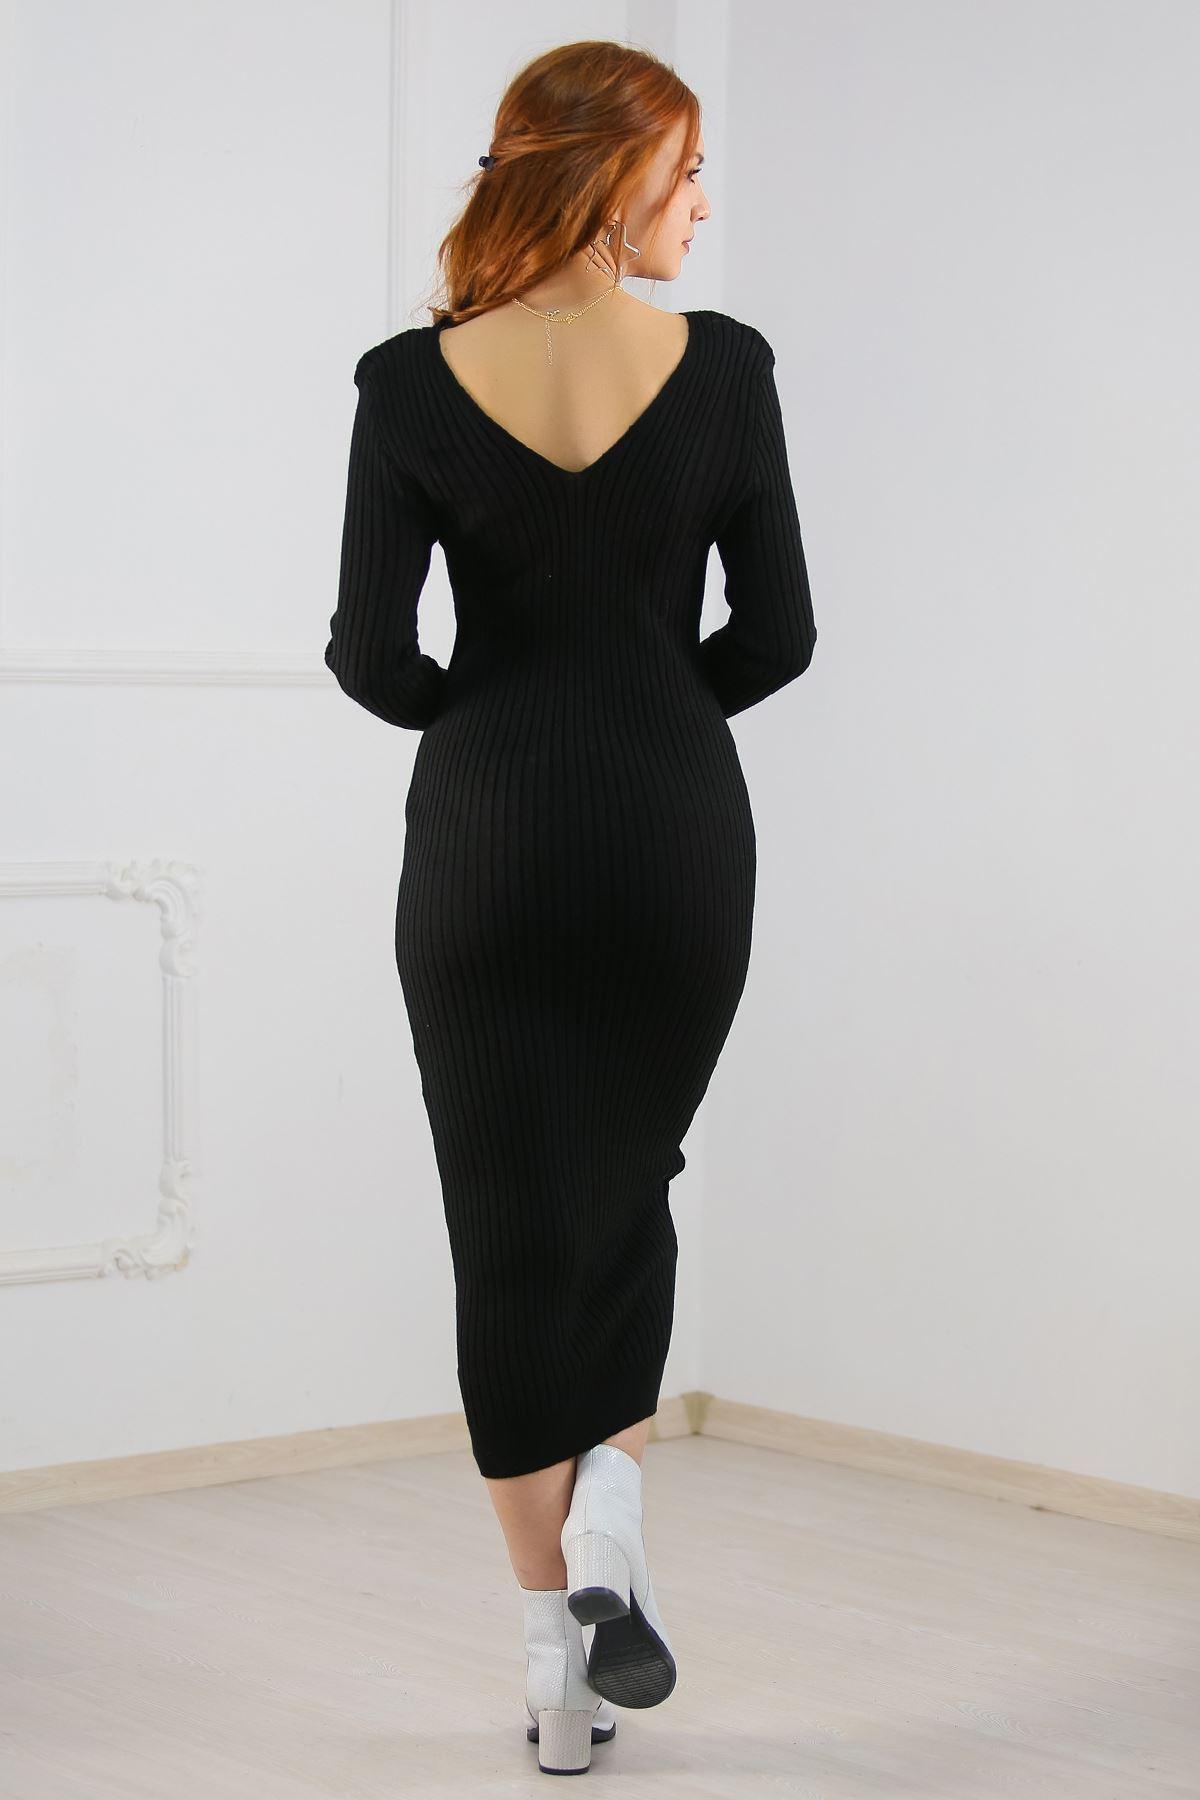 Uzun Triko Elbise Siyah - 6200.483.